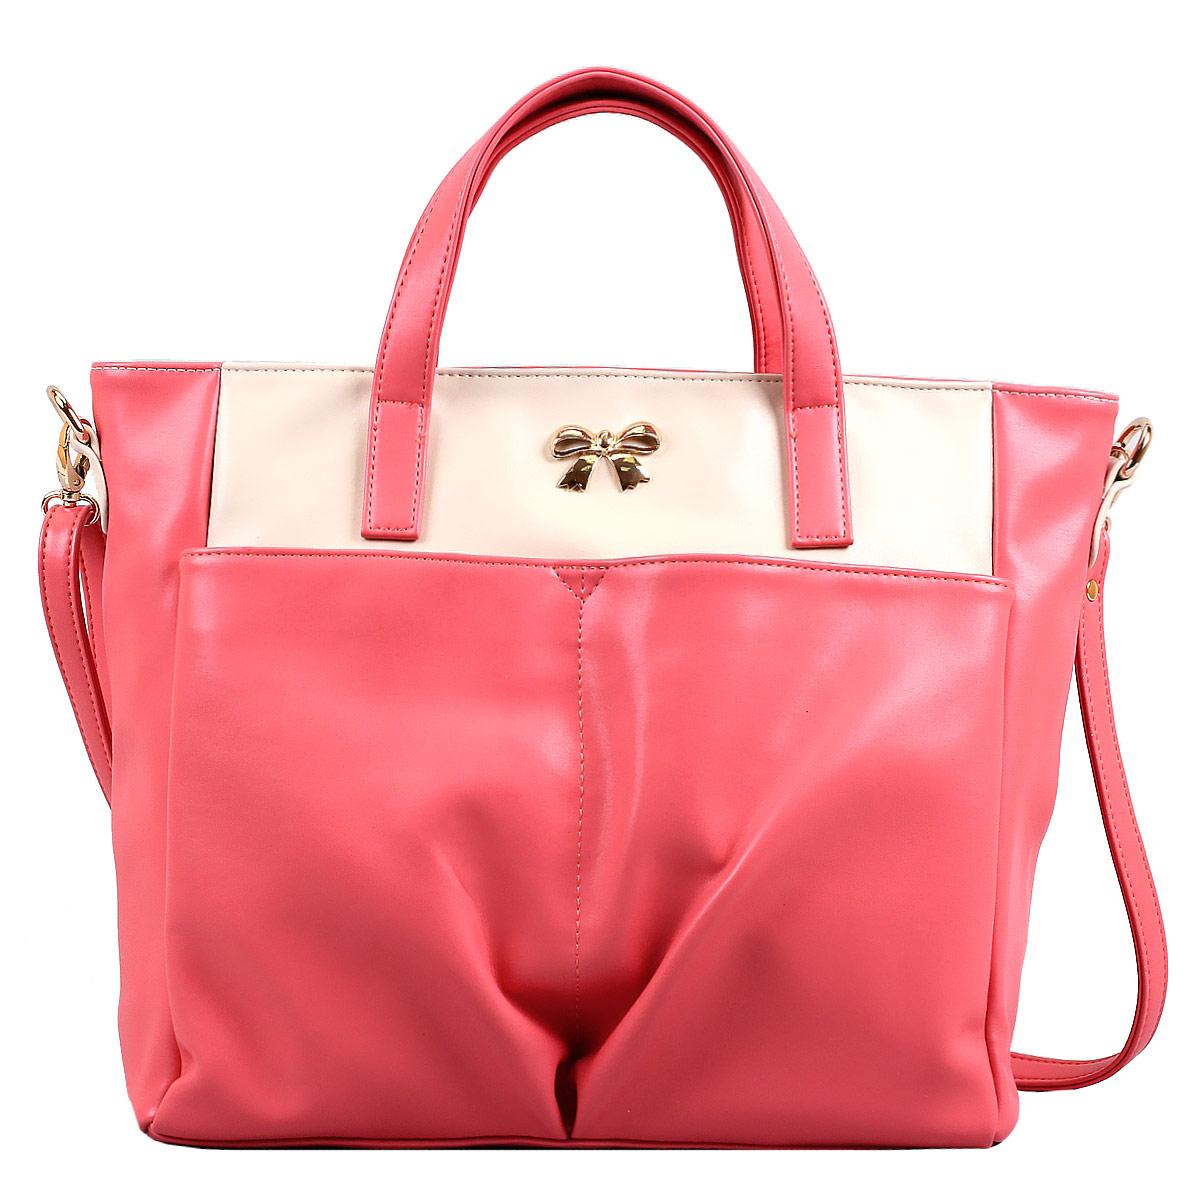 Сумка женская Leighton, цвет: розовый, молочный. 10642-08210642-082/11/082/27 беж/рЖенская сумка Leighton выполнена из высококачественной искусственной кожи, украшена декоративным бантиком. Изысканный декор, стильная фурнитура, классическая форма в сочетании с вместительностью и удобством делают эту модель прекрасным дополнением к вашему образу. Модель закрывается на застежку-молнию. Внутри - большое отделение, разделенное средником на застежке-молнии, также есть два накладных кармашка для мелочей, телефона и врезной карман на застежке-молнии. Лицевую сторону украшают два накладных кармана на магнитных кнопках. Задняя сторона дополнена плоским врезным карманом на застежке-молнии. Сумка оснащена двумя удобными ручками и регулируемым плечевым ремнем. Прекрасное дополнение к отличному настроению.